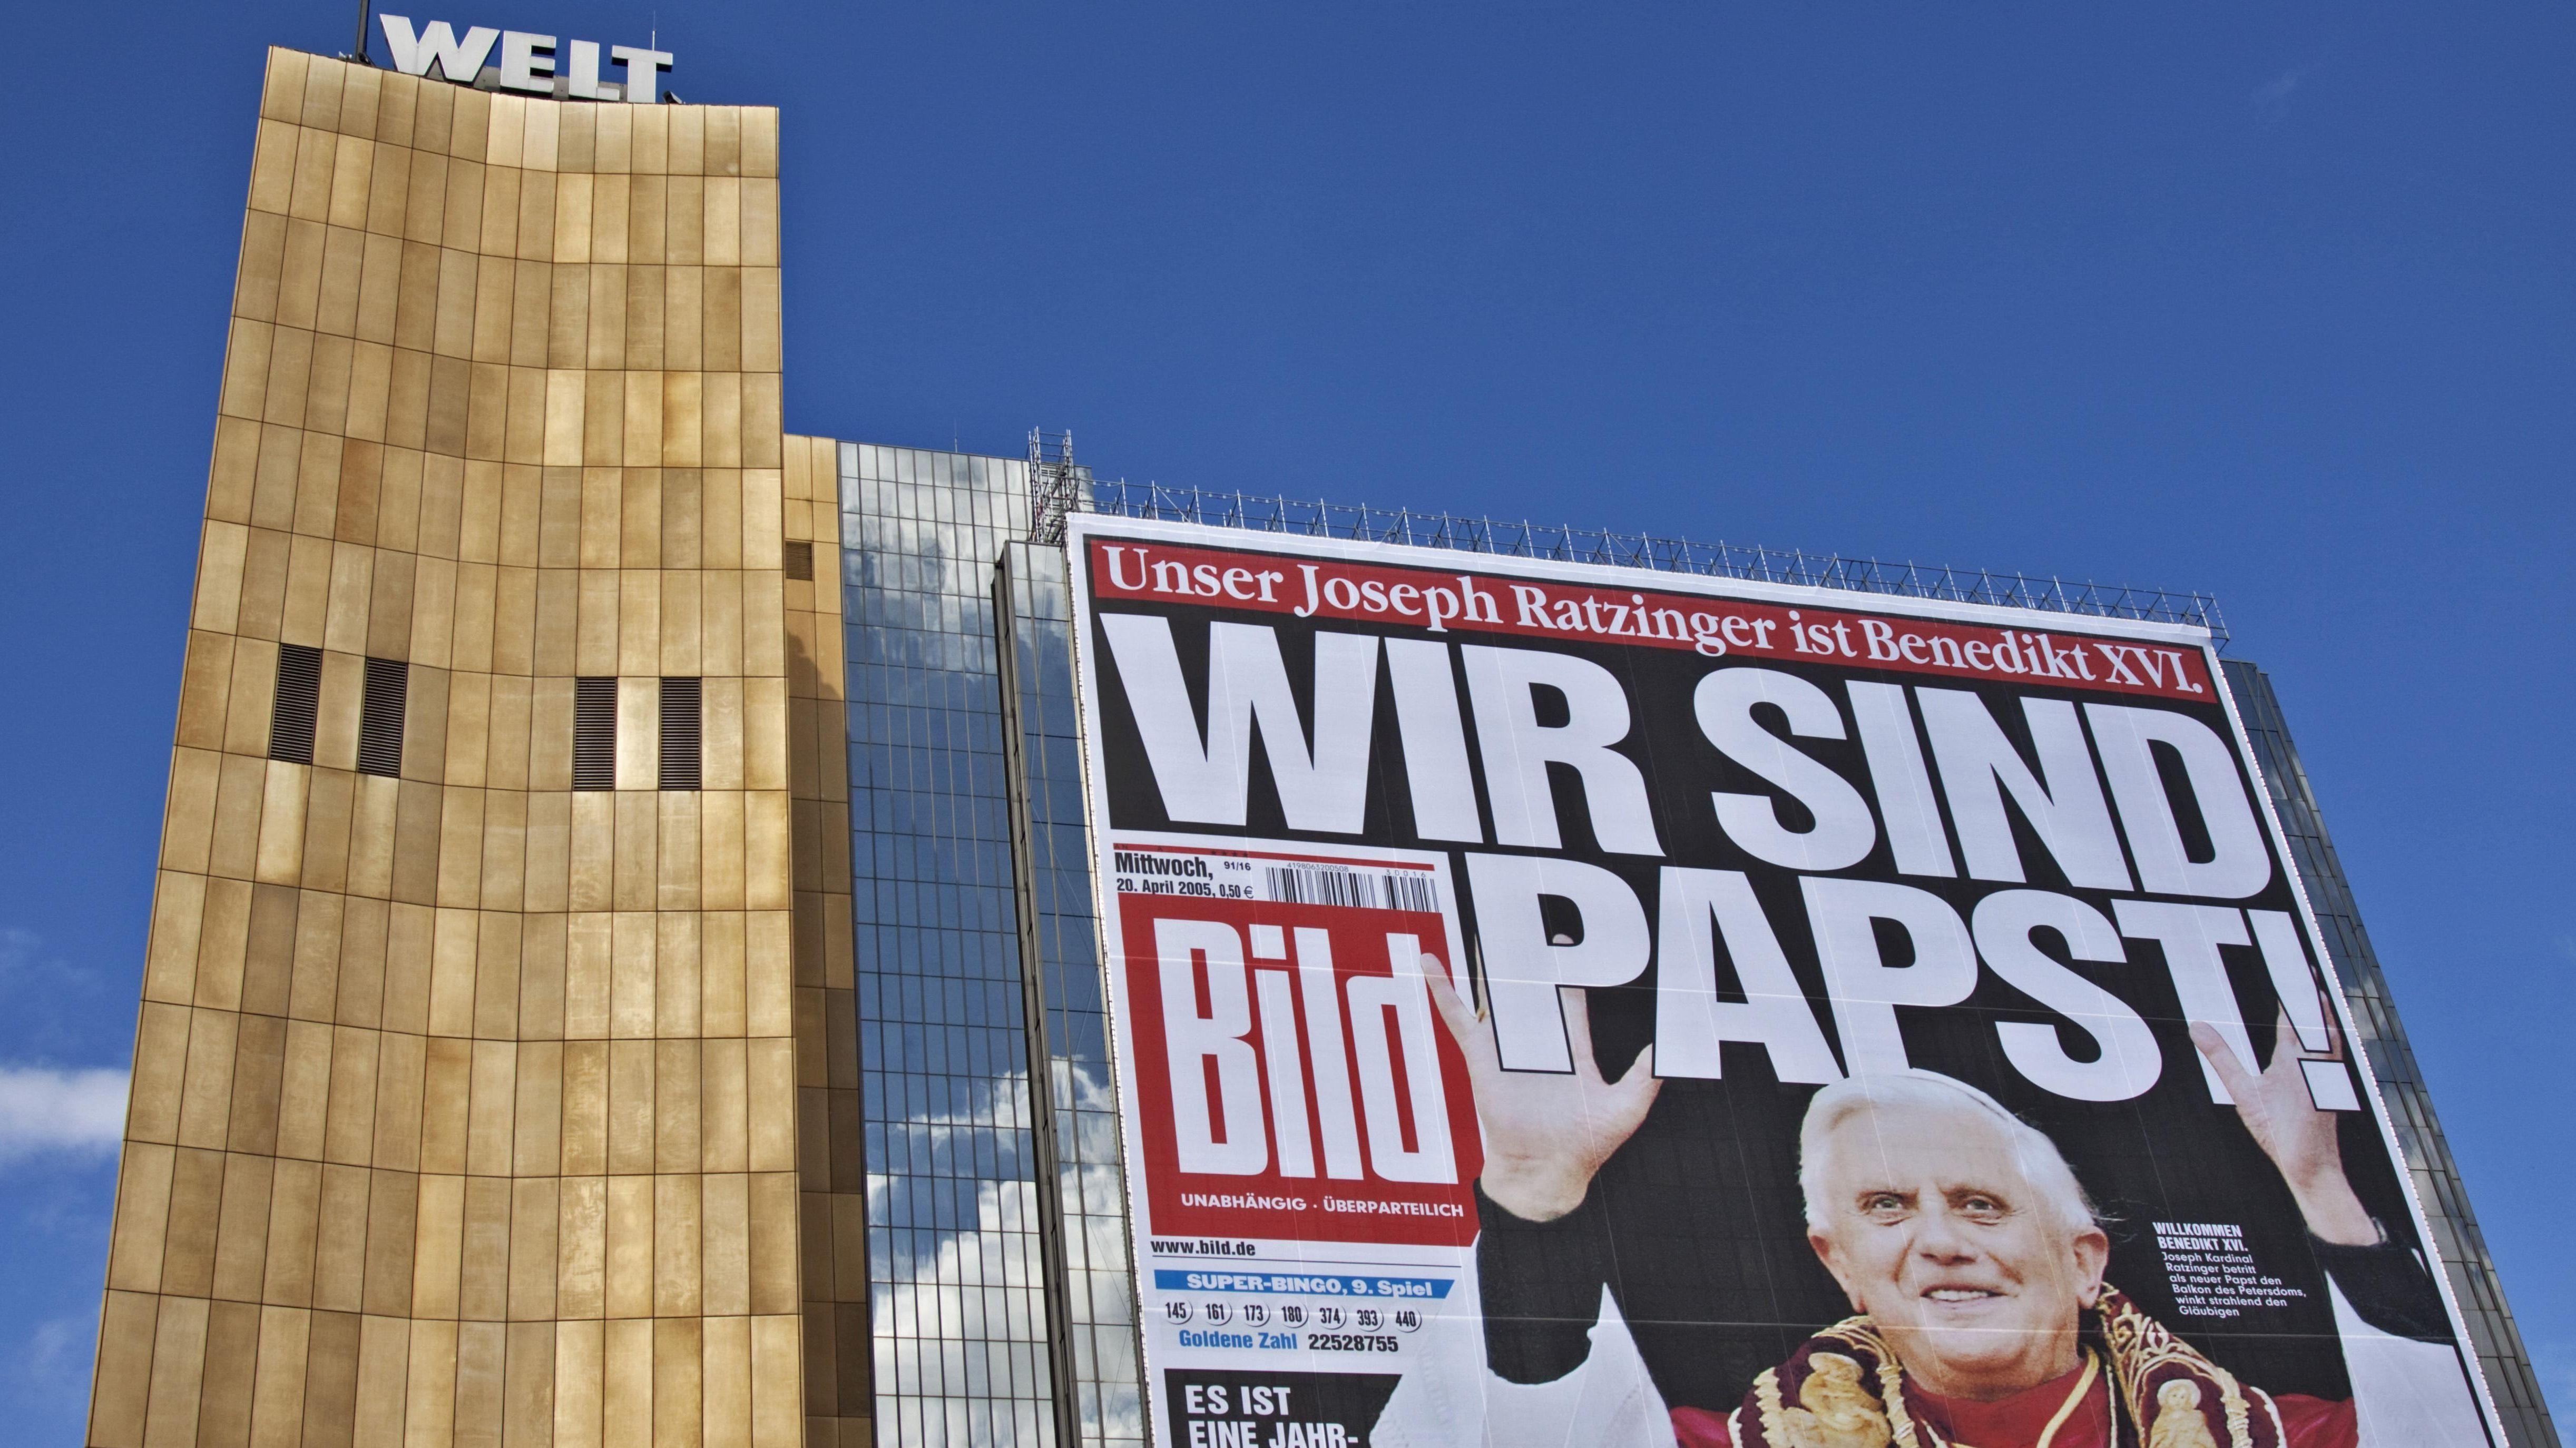 """Wir sind Papst""""-Plakat am Axel-Springer-Haus, anlässlich des Besuchs von Papst Benedikt XVI. in Deutschland"""